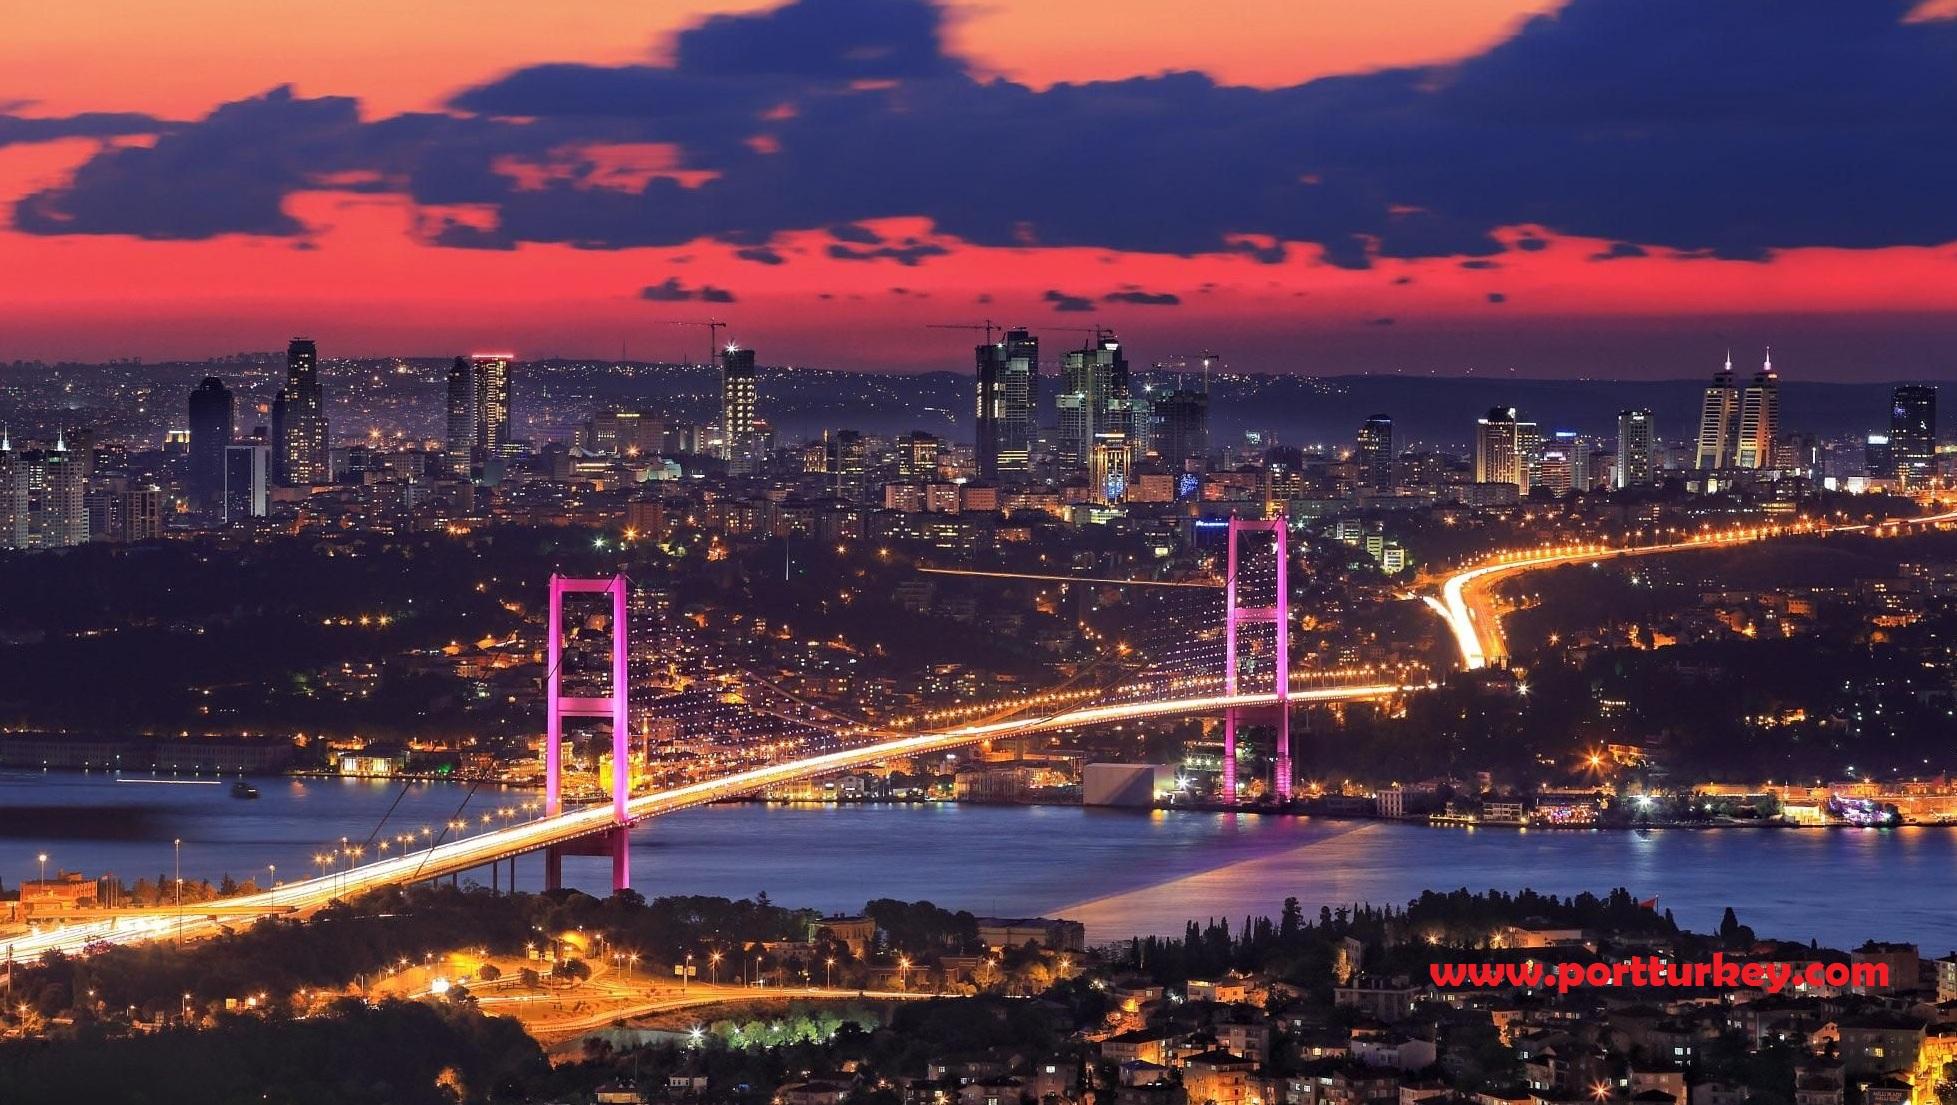 Memulai Bisnis Kecil di Turki dan 3 Tips Budaya Bisnis serta Kehidupan Bisnis di Turki